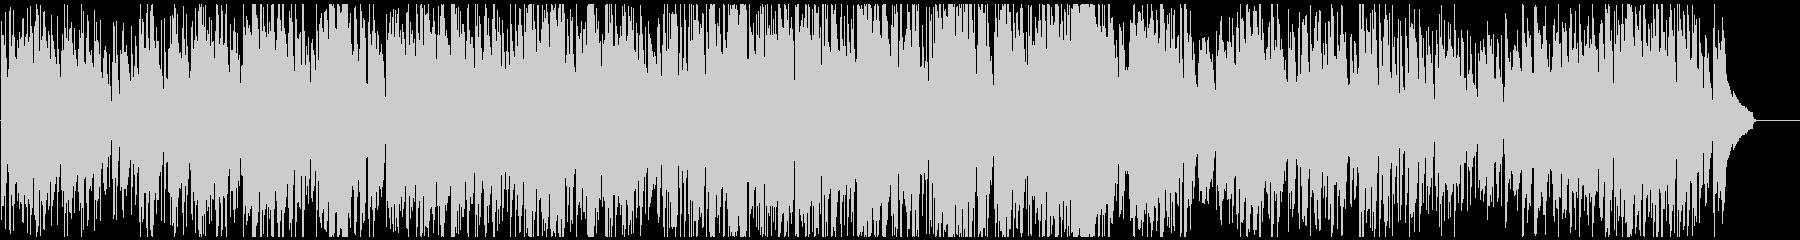 ゆるい優しいジャズ バリトンSax生演奏の未再生の波形